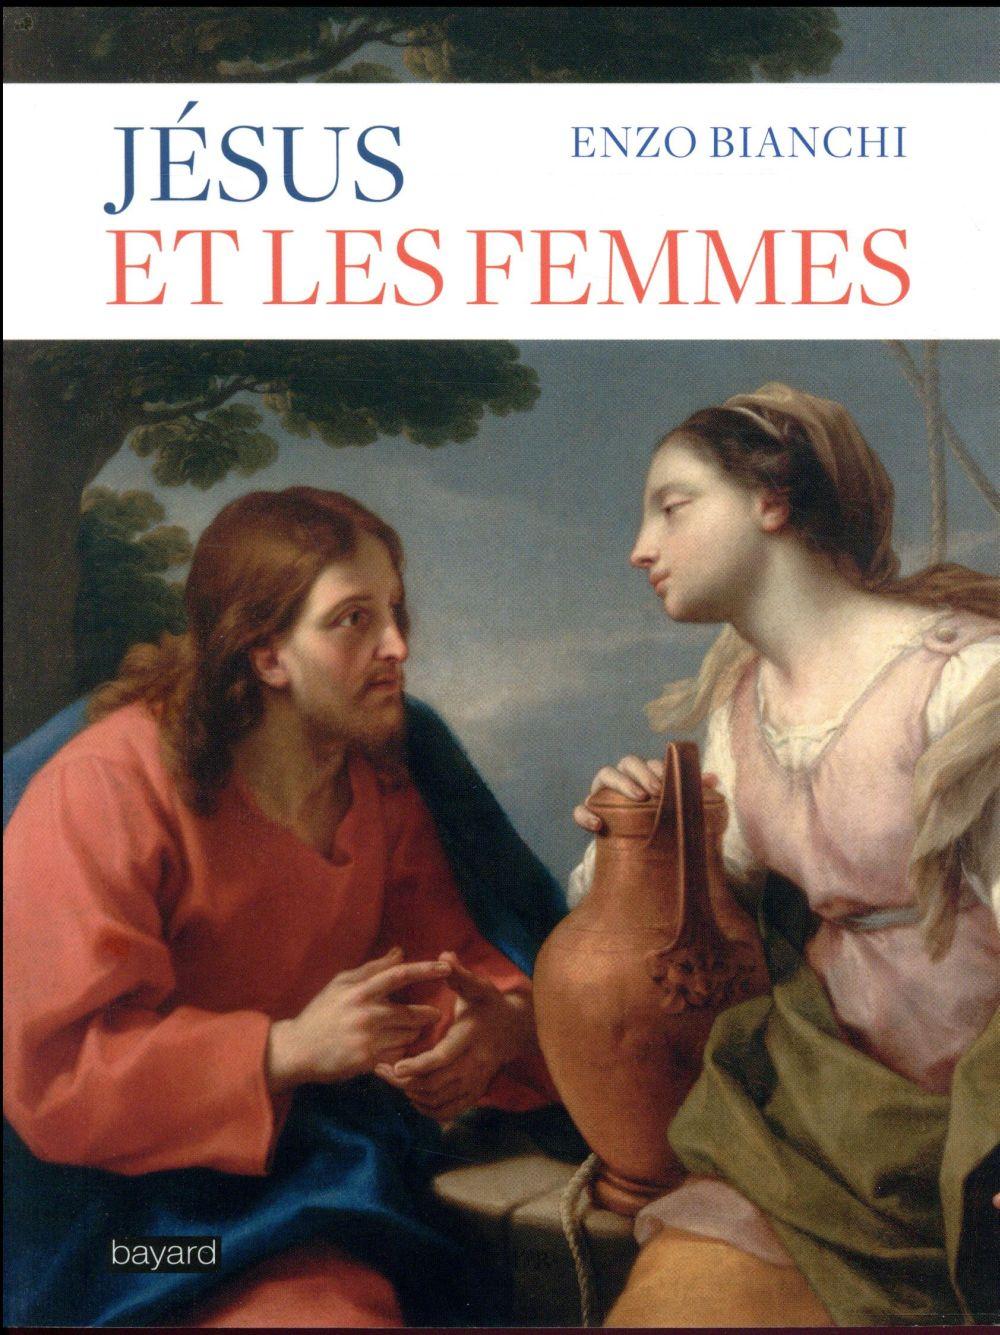 JESUS ET LES FEMMES